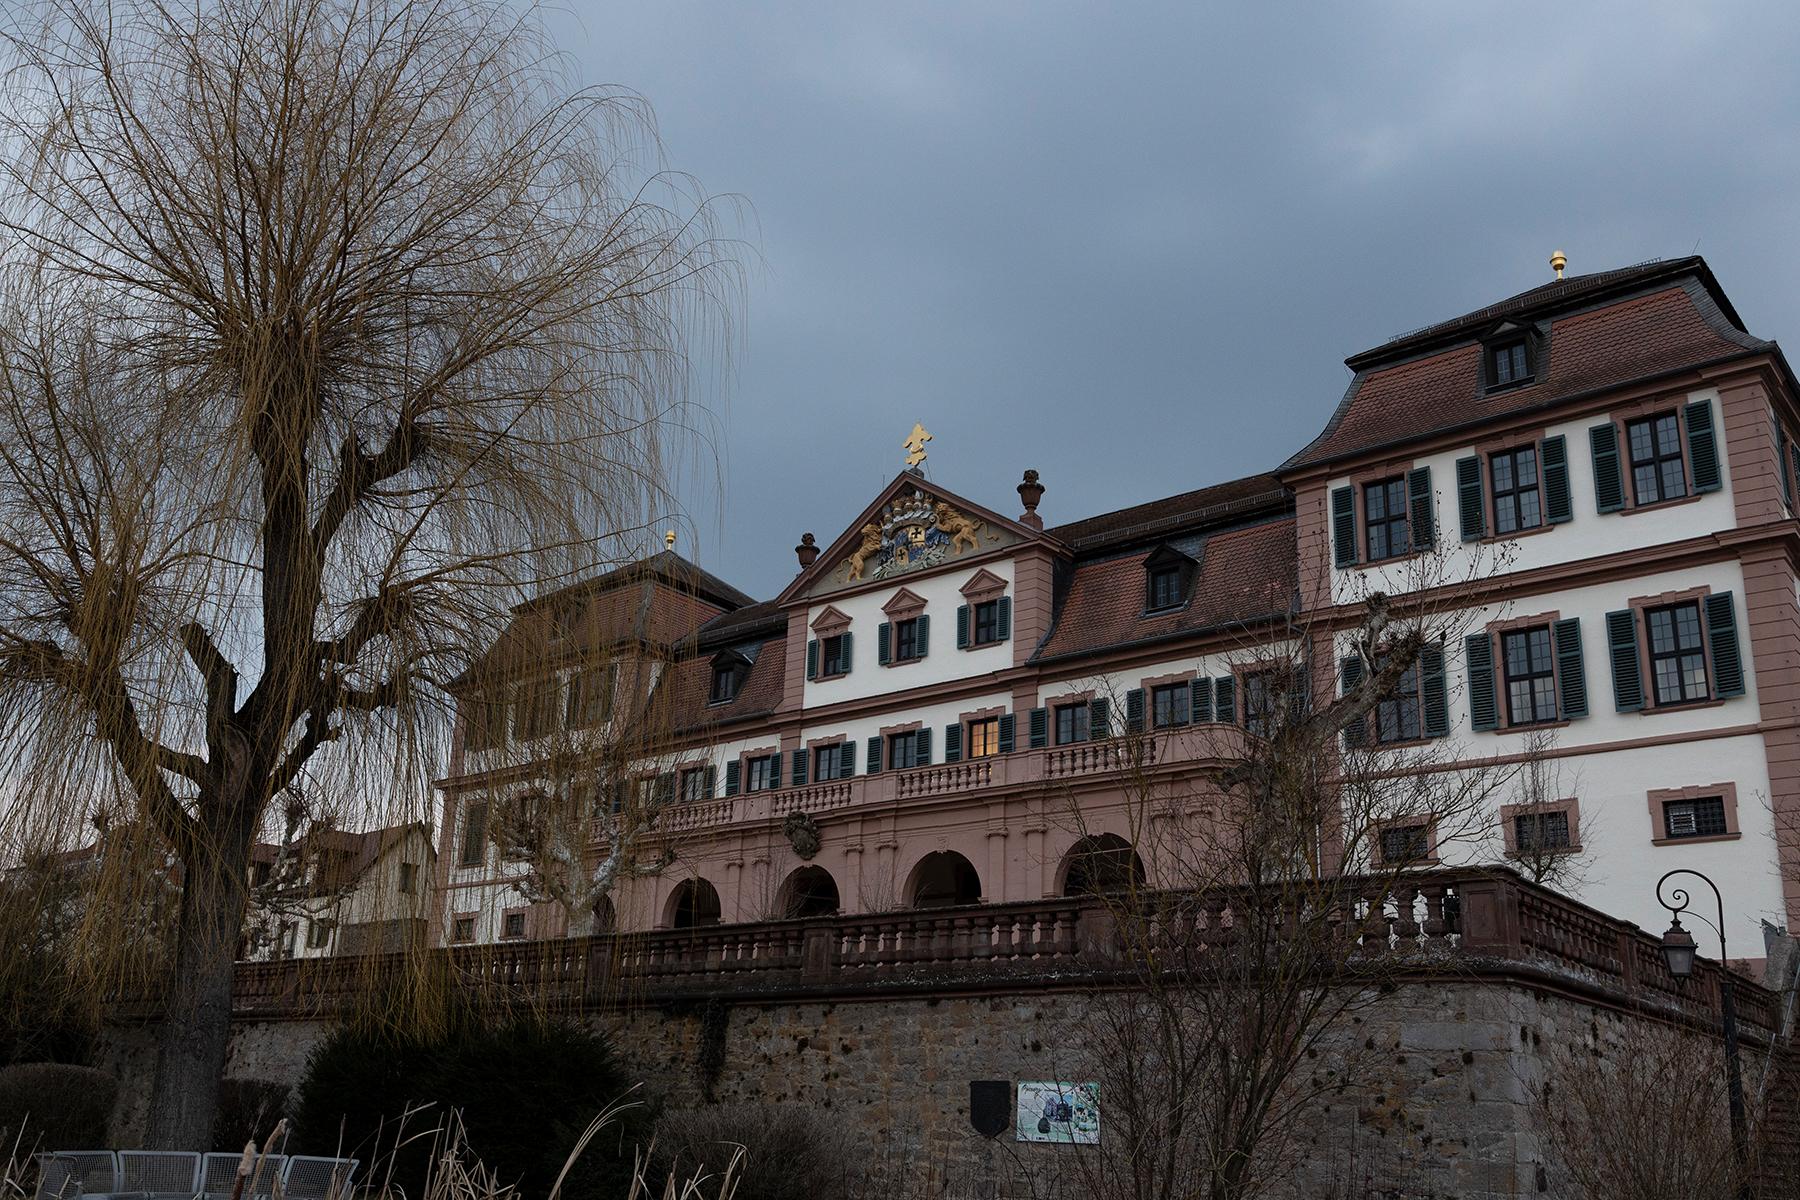 Kellereischloss in Hammelburg fotografiert mit Sigma 24-70 mm Arts